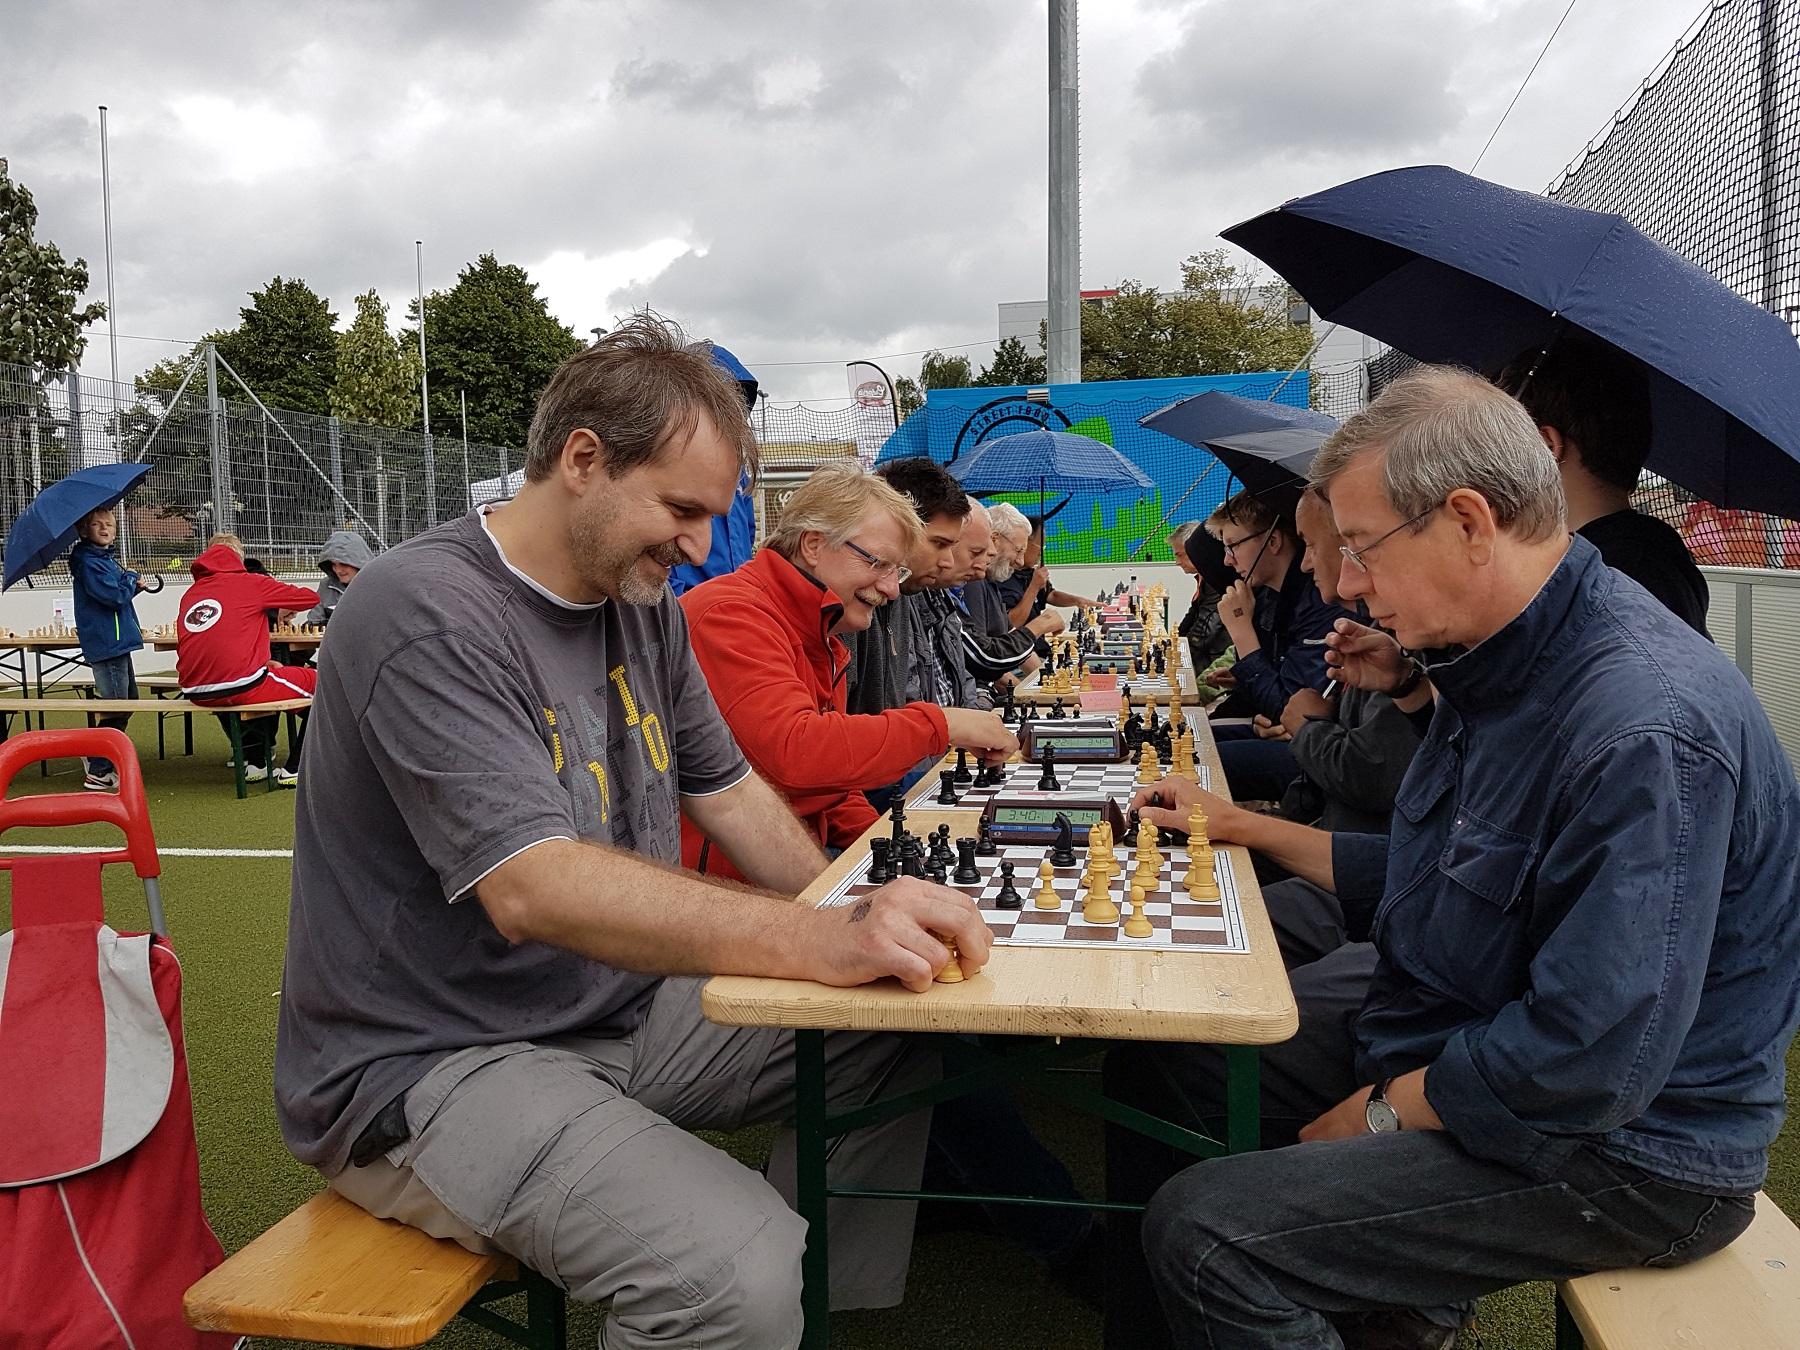 Hessischer Schachverband auf dem Familiensportfest